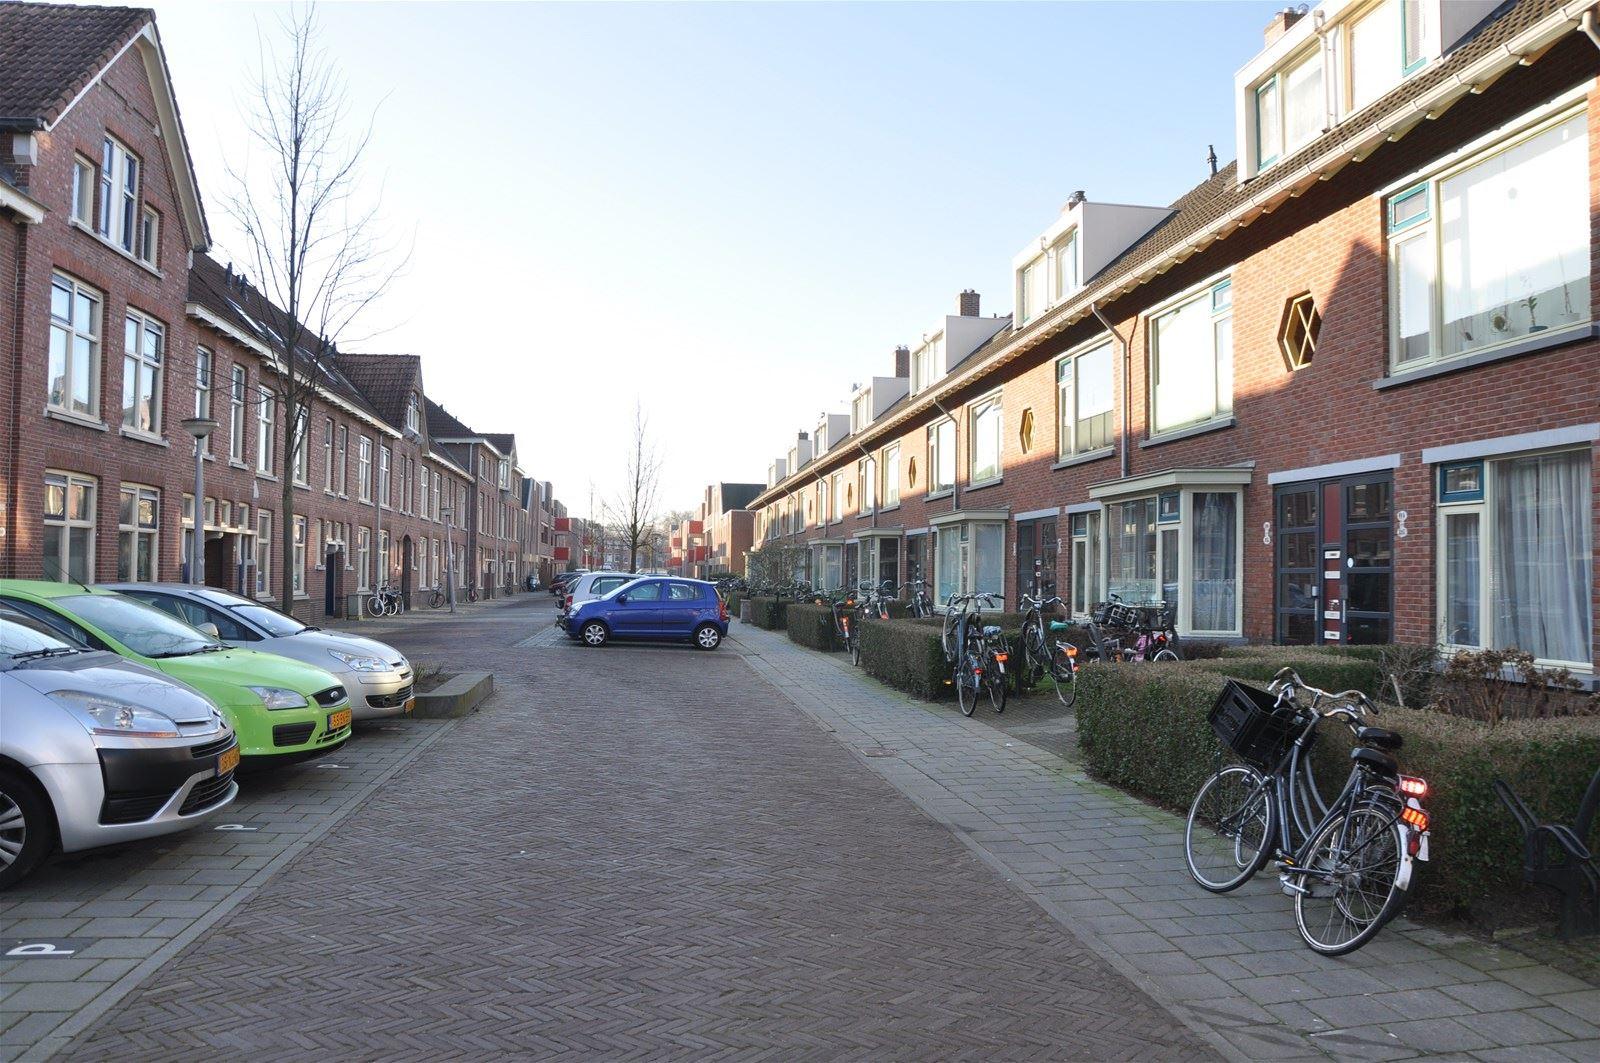 Verkocht bedumerstraat 122 9716 bp groningen funda - Foto van keukenuitrusting ...